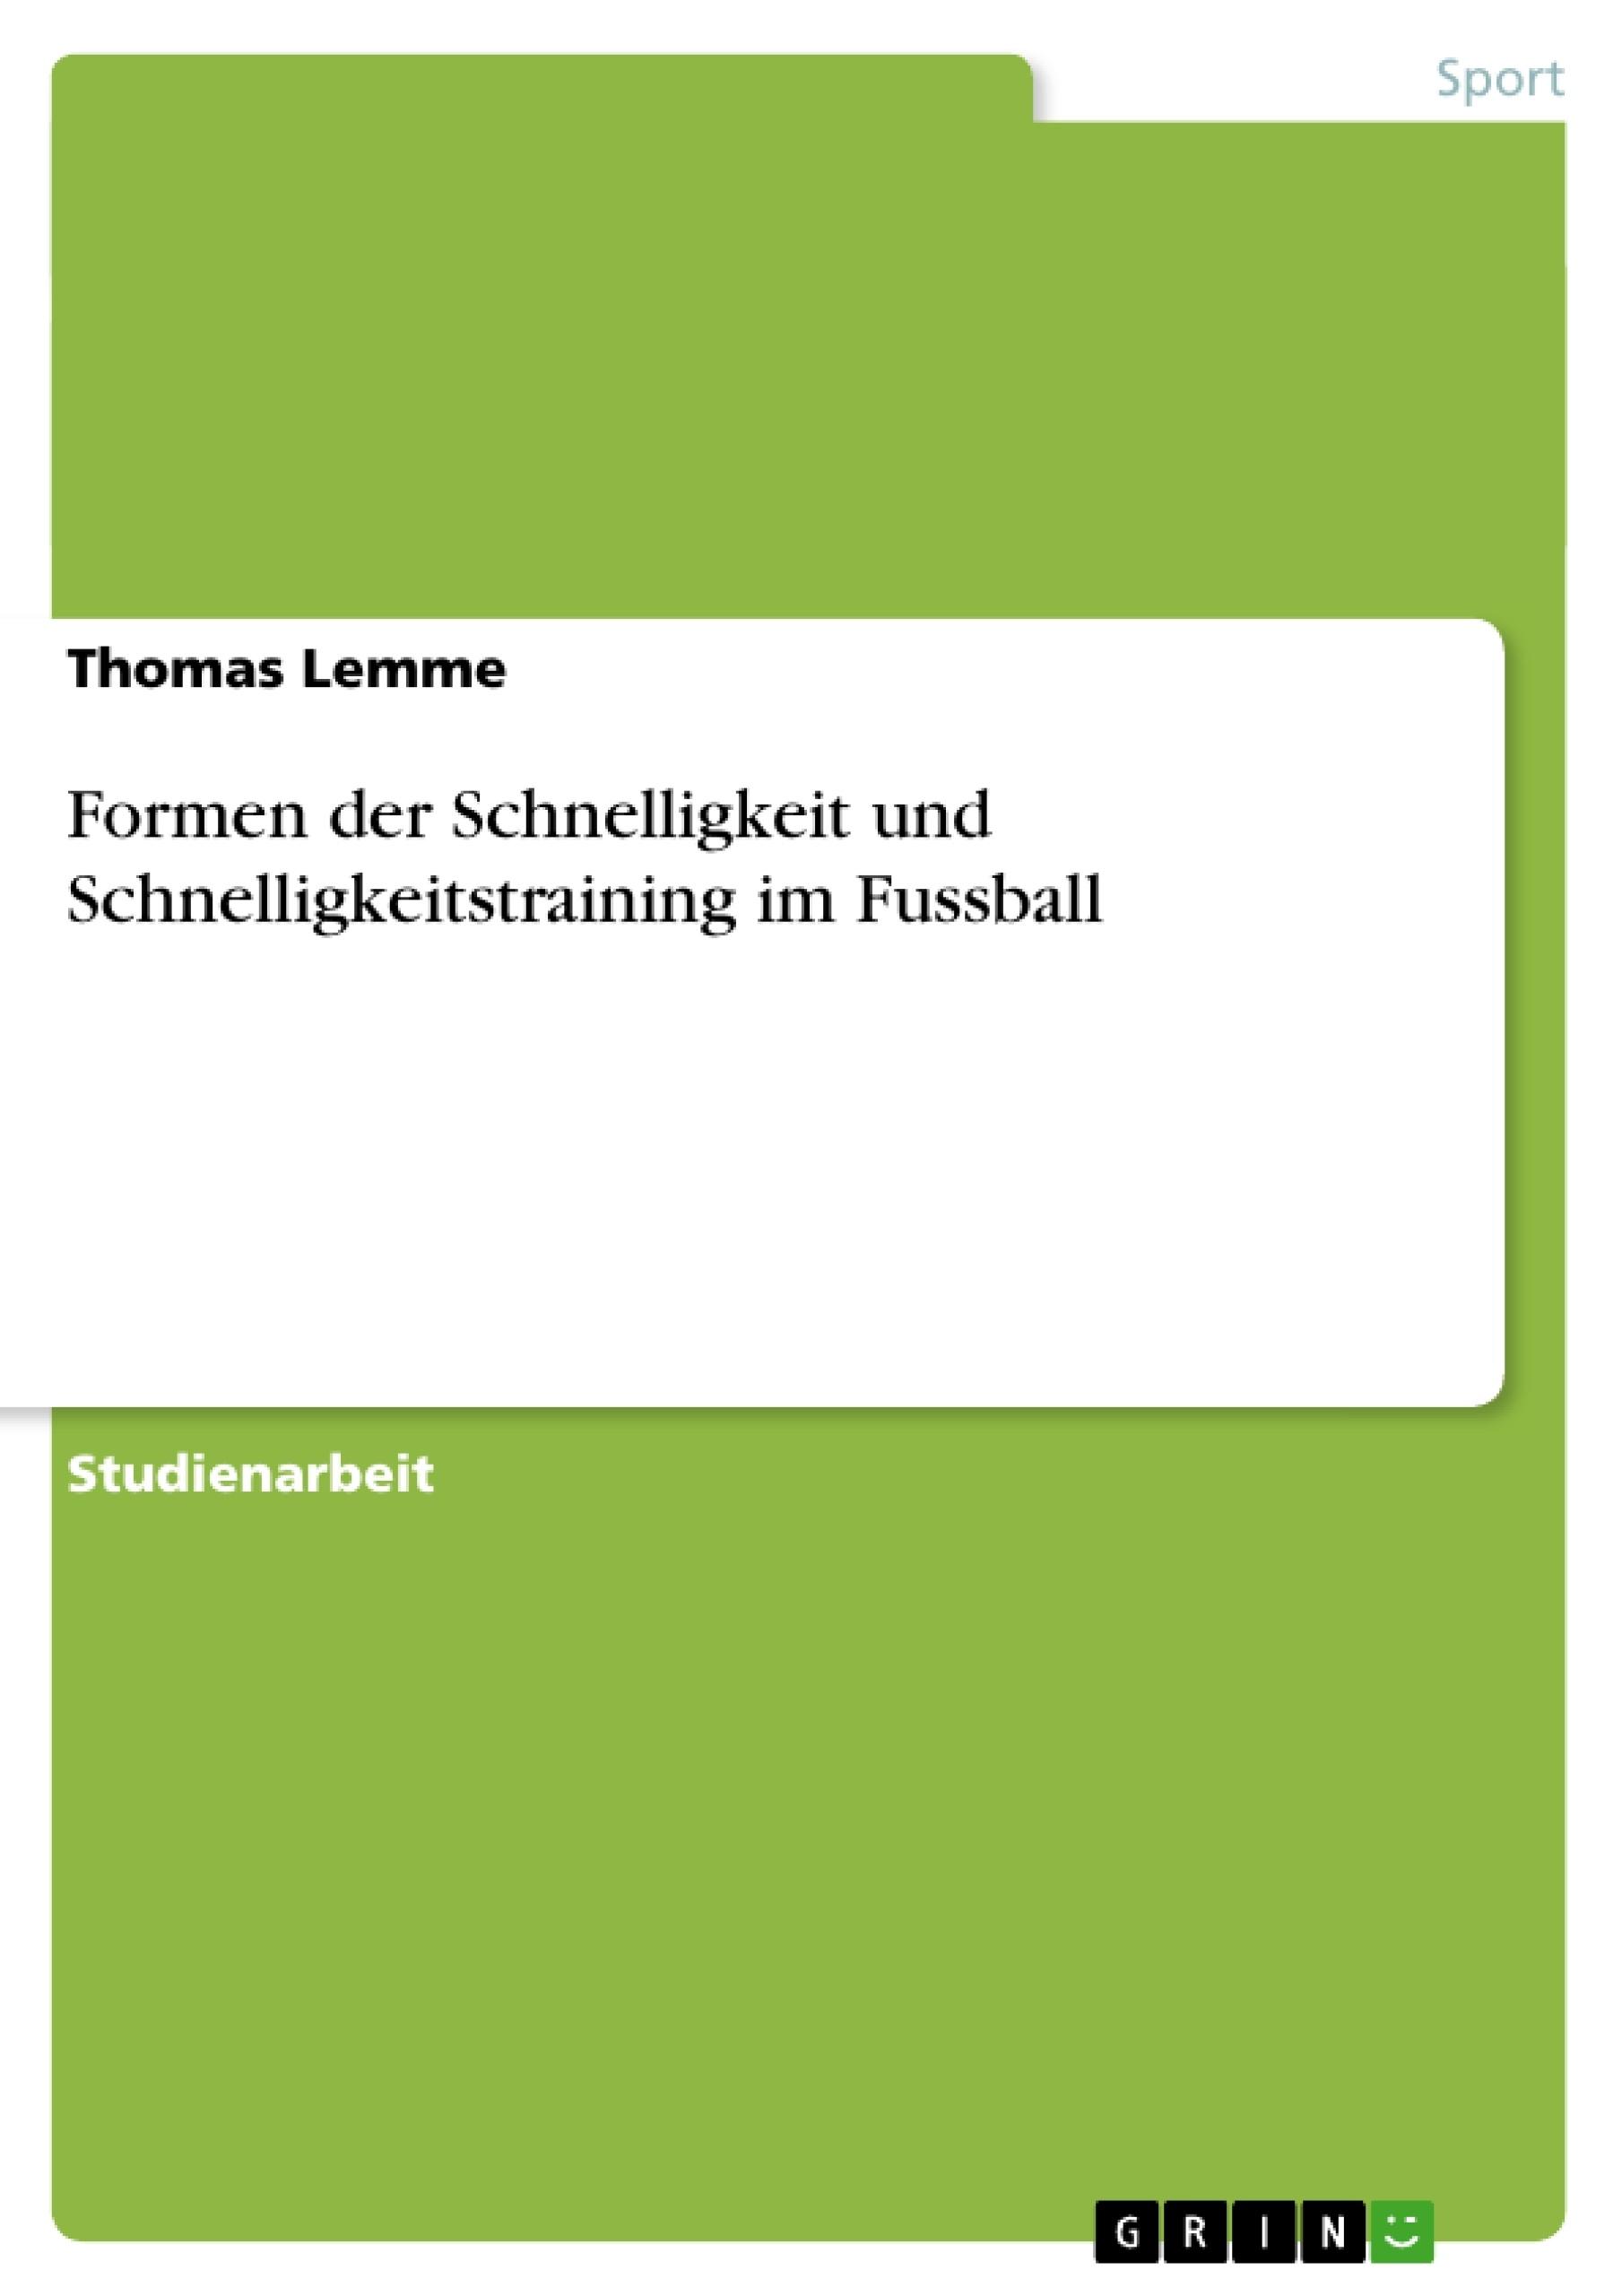 Titel: Formen der Schnelligkeit und Schnelligkeitstraining im Fussball